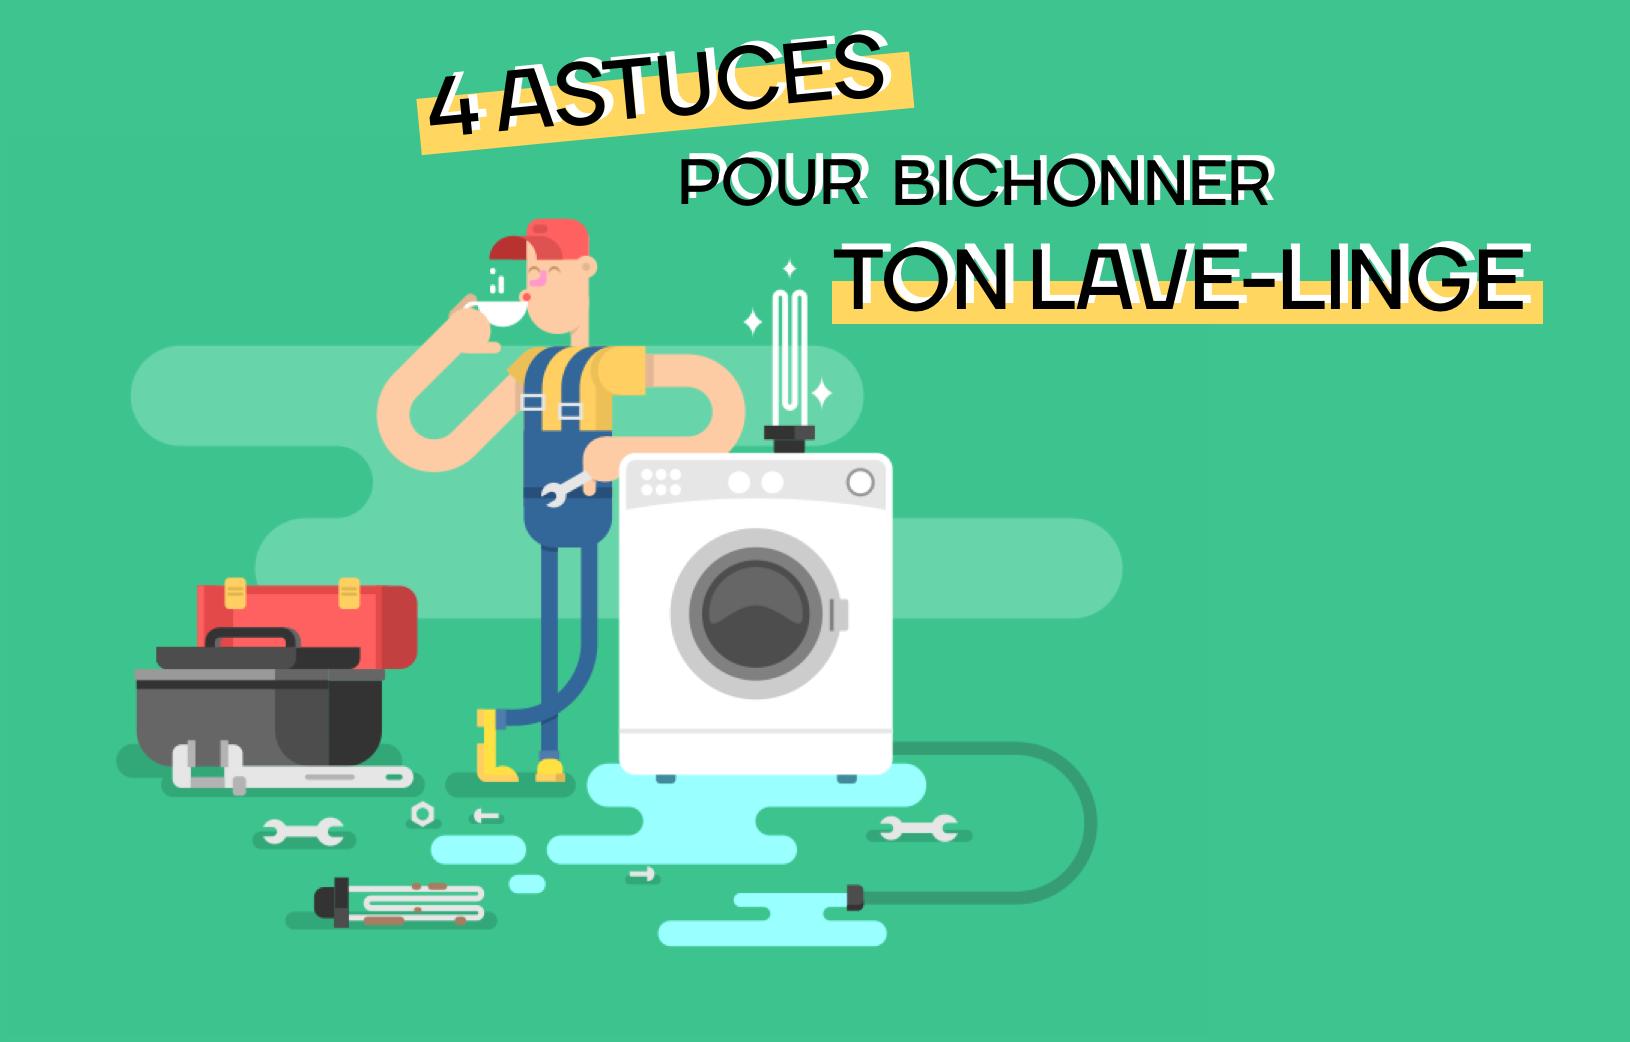 Nettoyer Le Lave Linge Au Bicarbonate 4 astuces pour nettoyer son lave-linge - murfy | le blog de